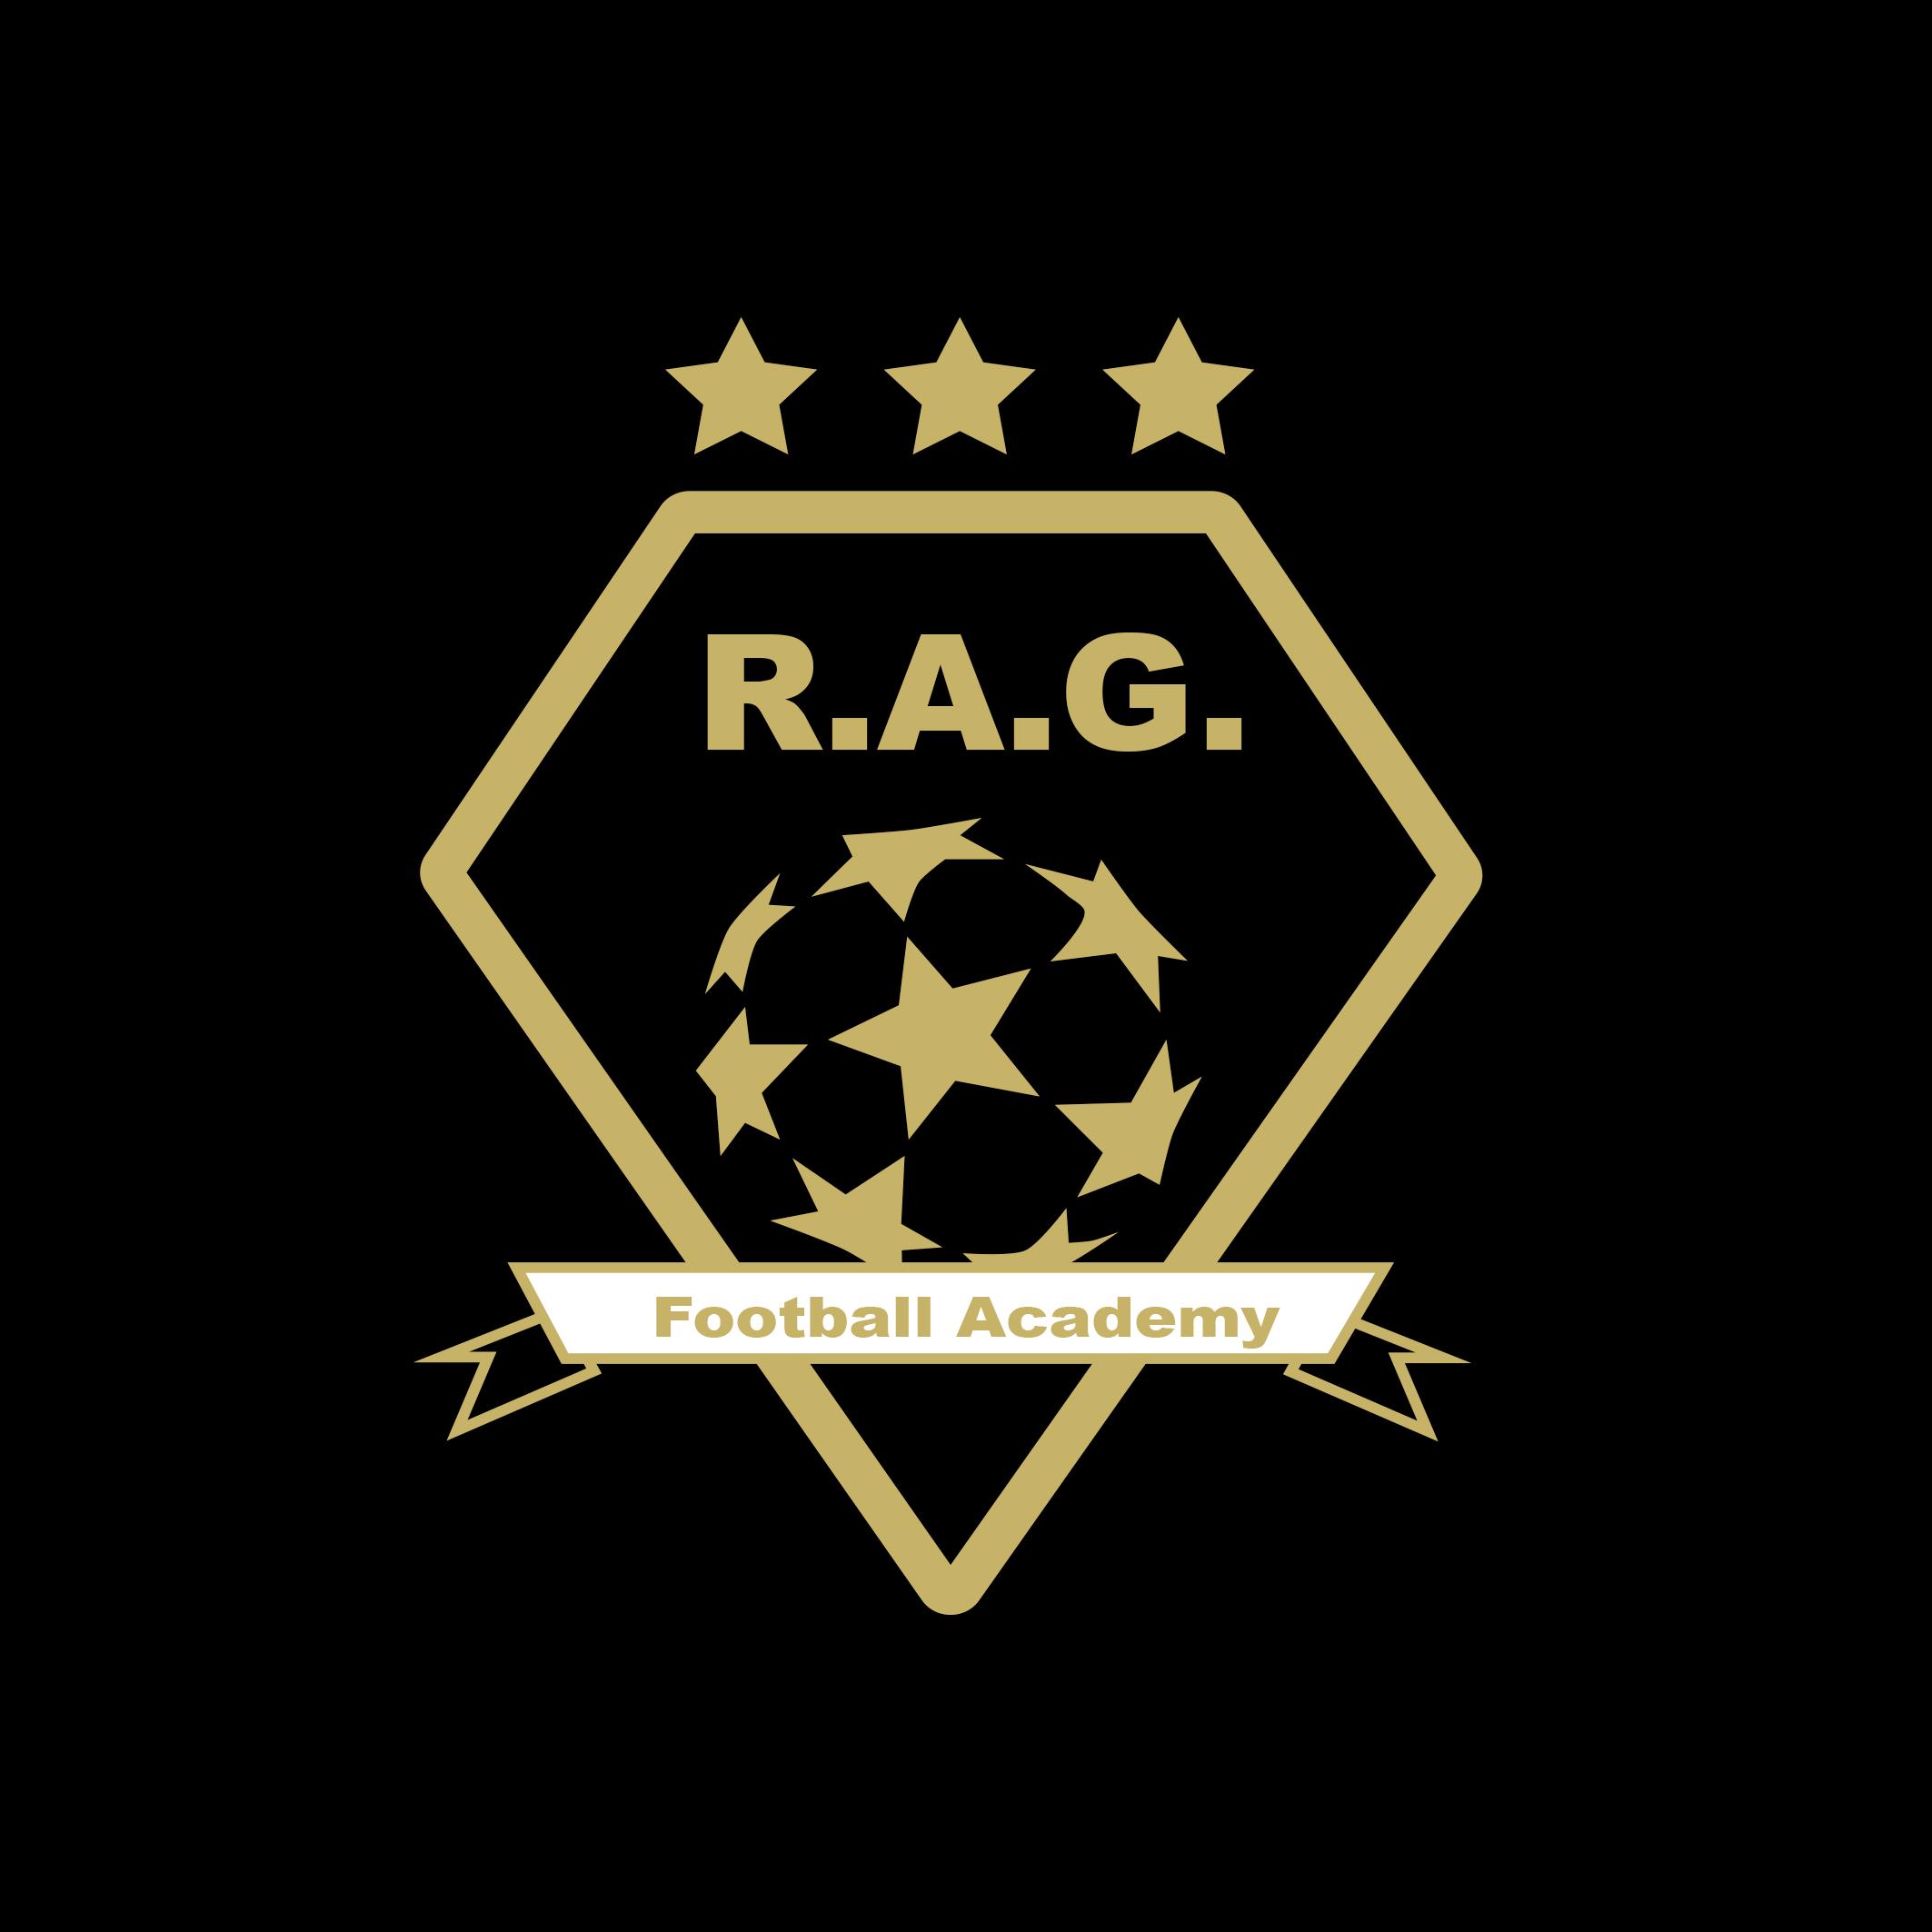 R.A.G. Football Academy - gratis proeftrainingen